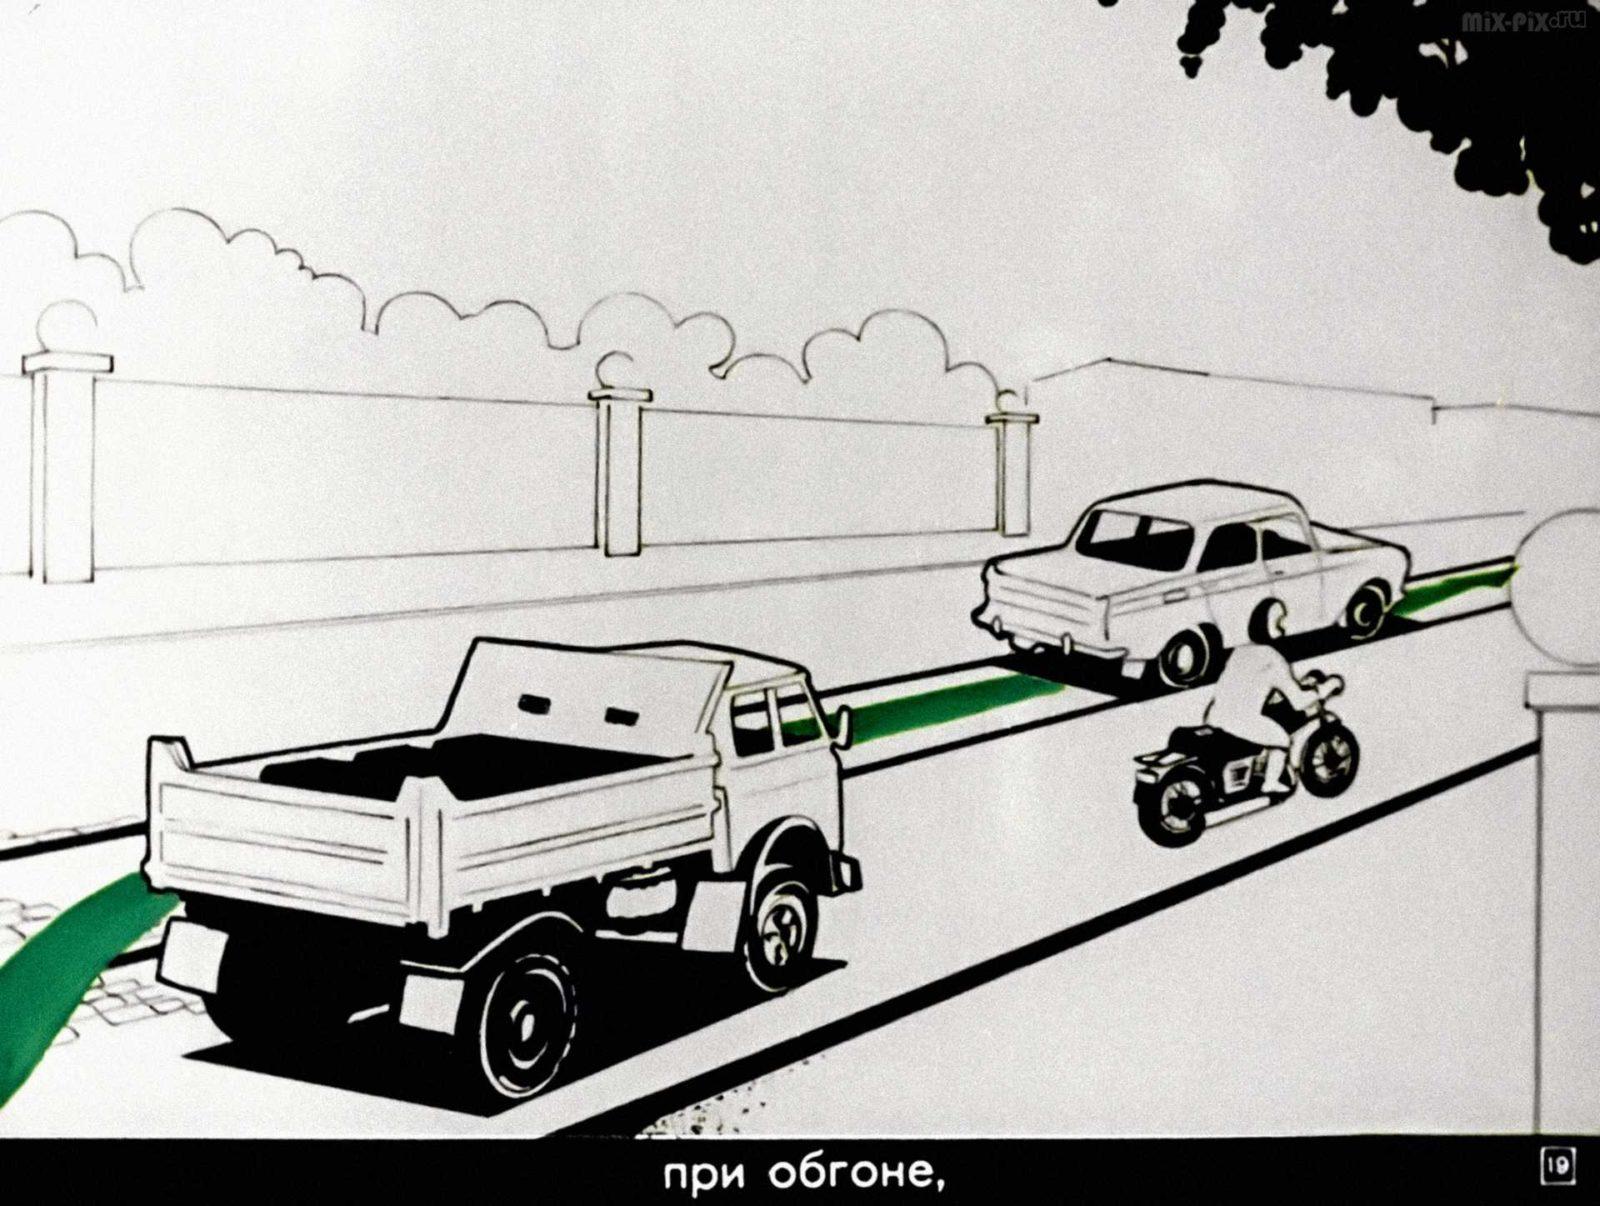 Правила дорожного движения. Расположение транспортных средств на проезжей части. Начало движения. Маневрирование (1983) 39